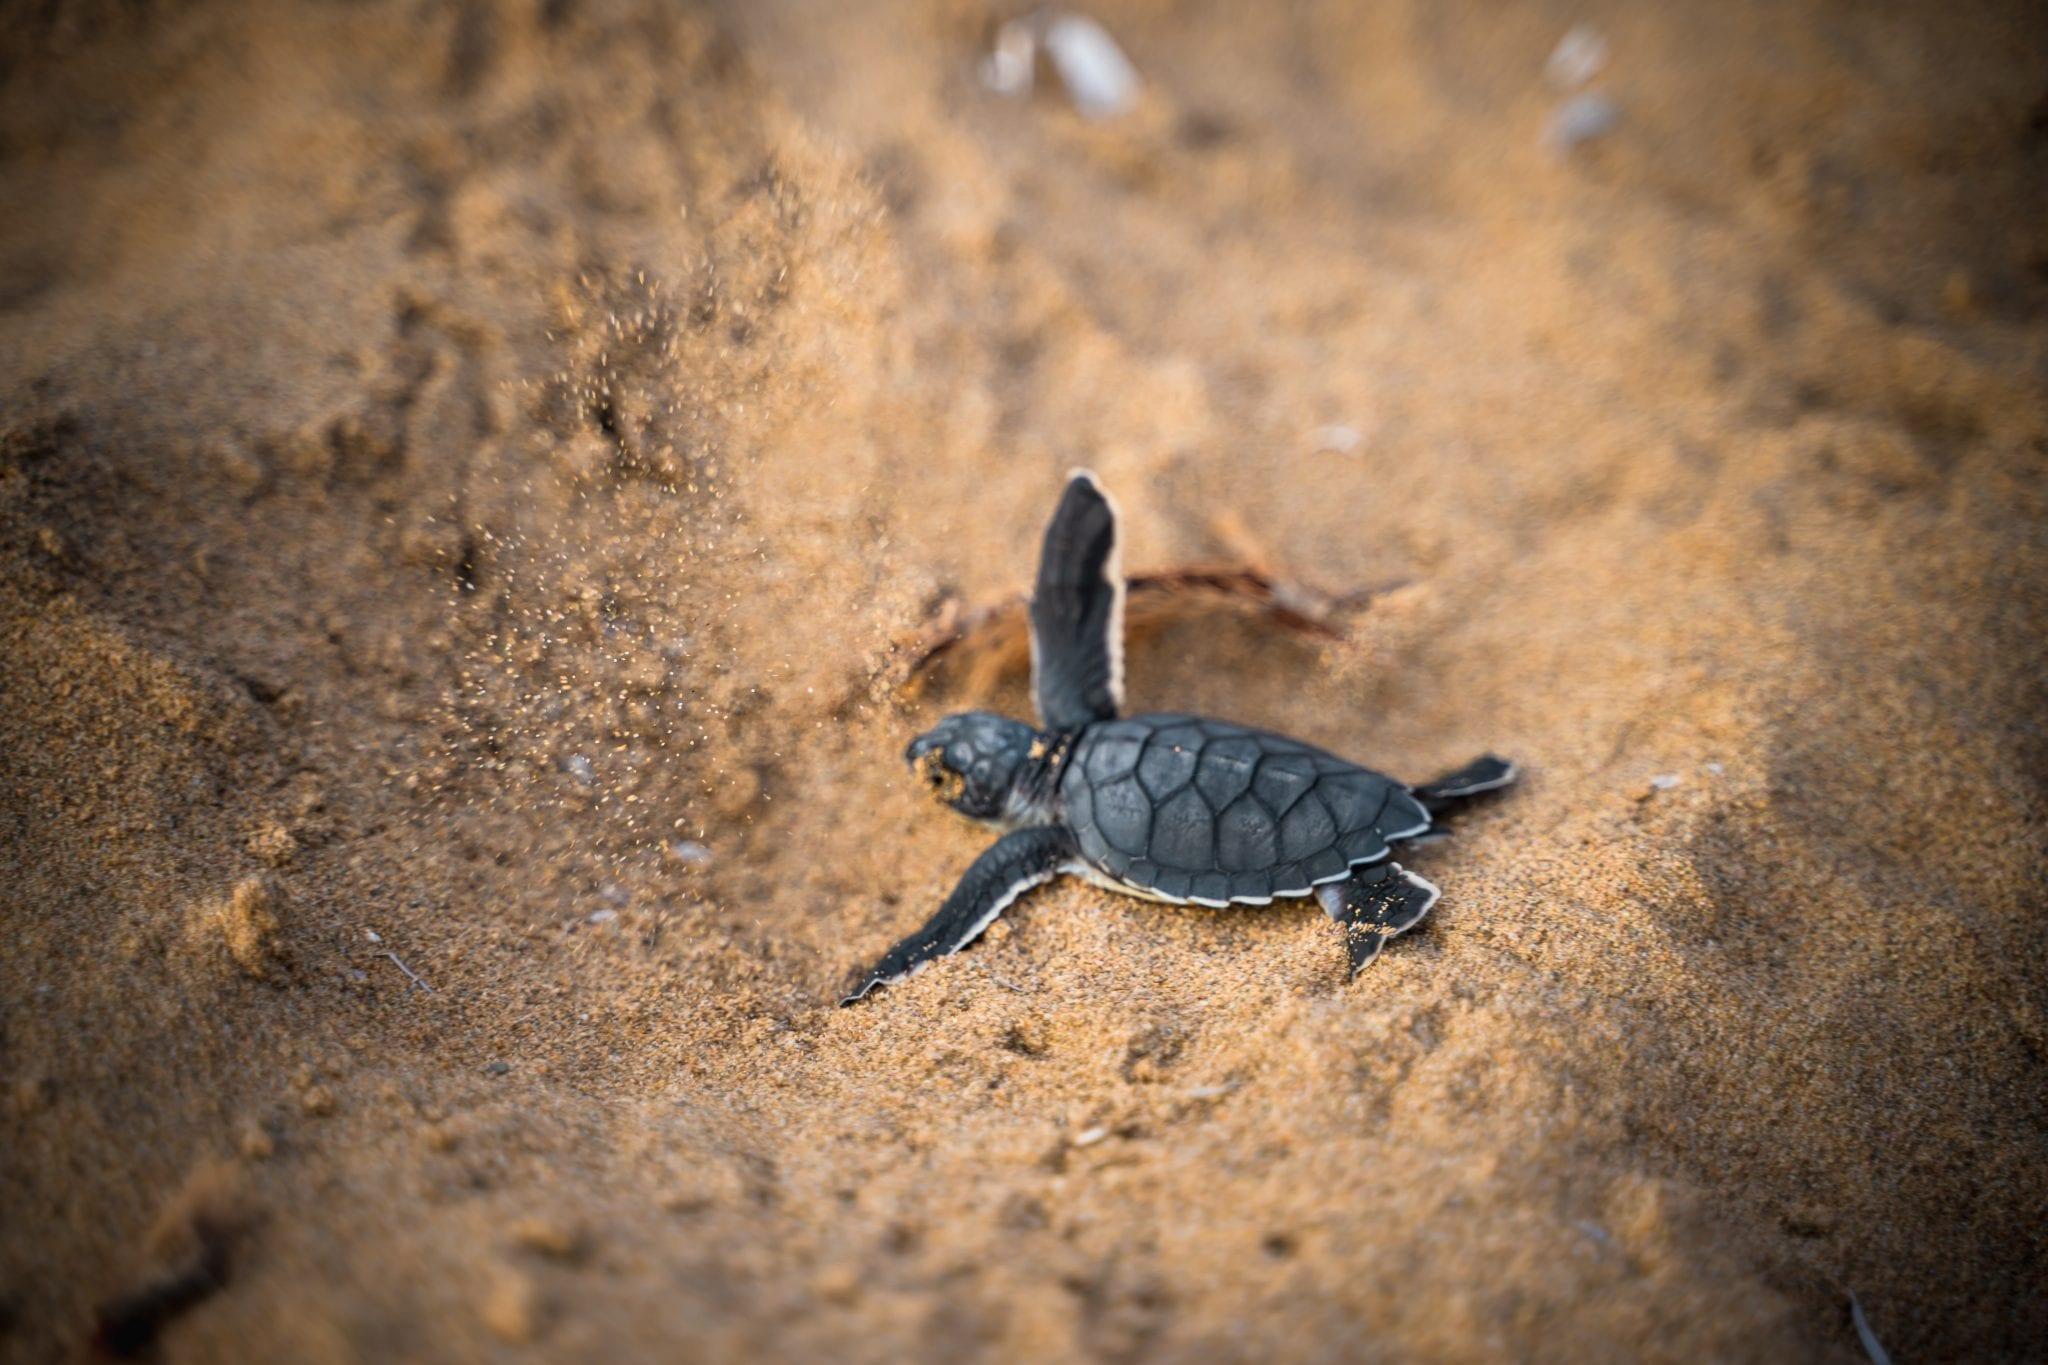 Black new born sea turtle on brown sand